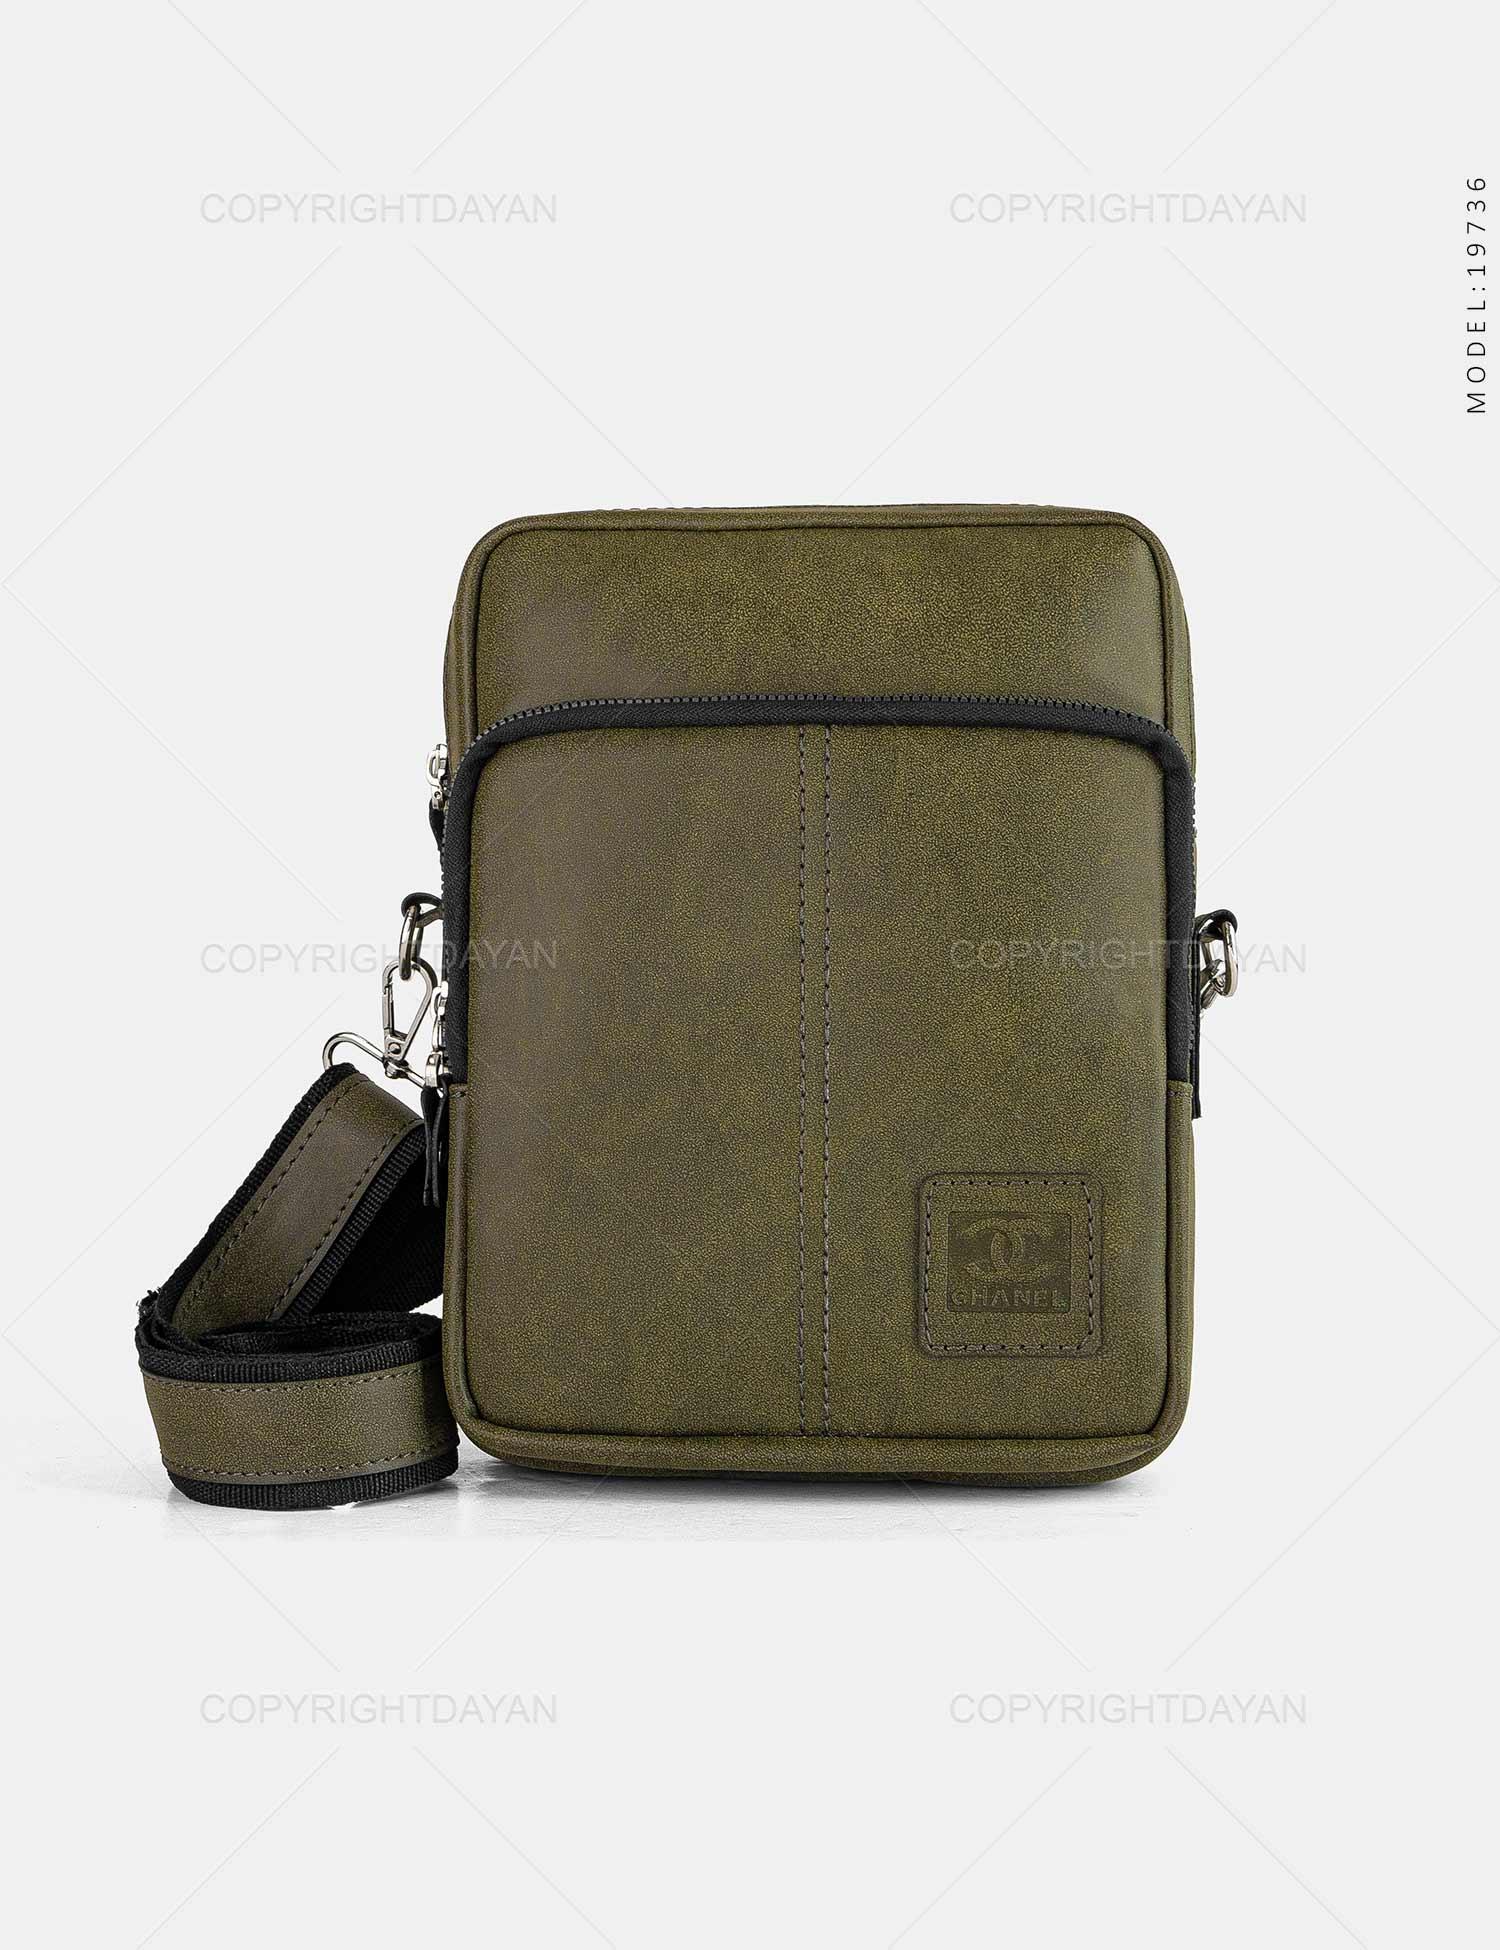 کیف دوشی Chanel مدل 19736